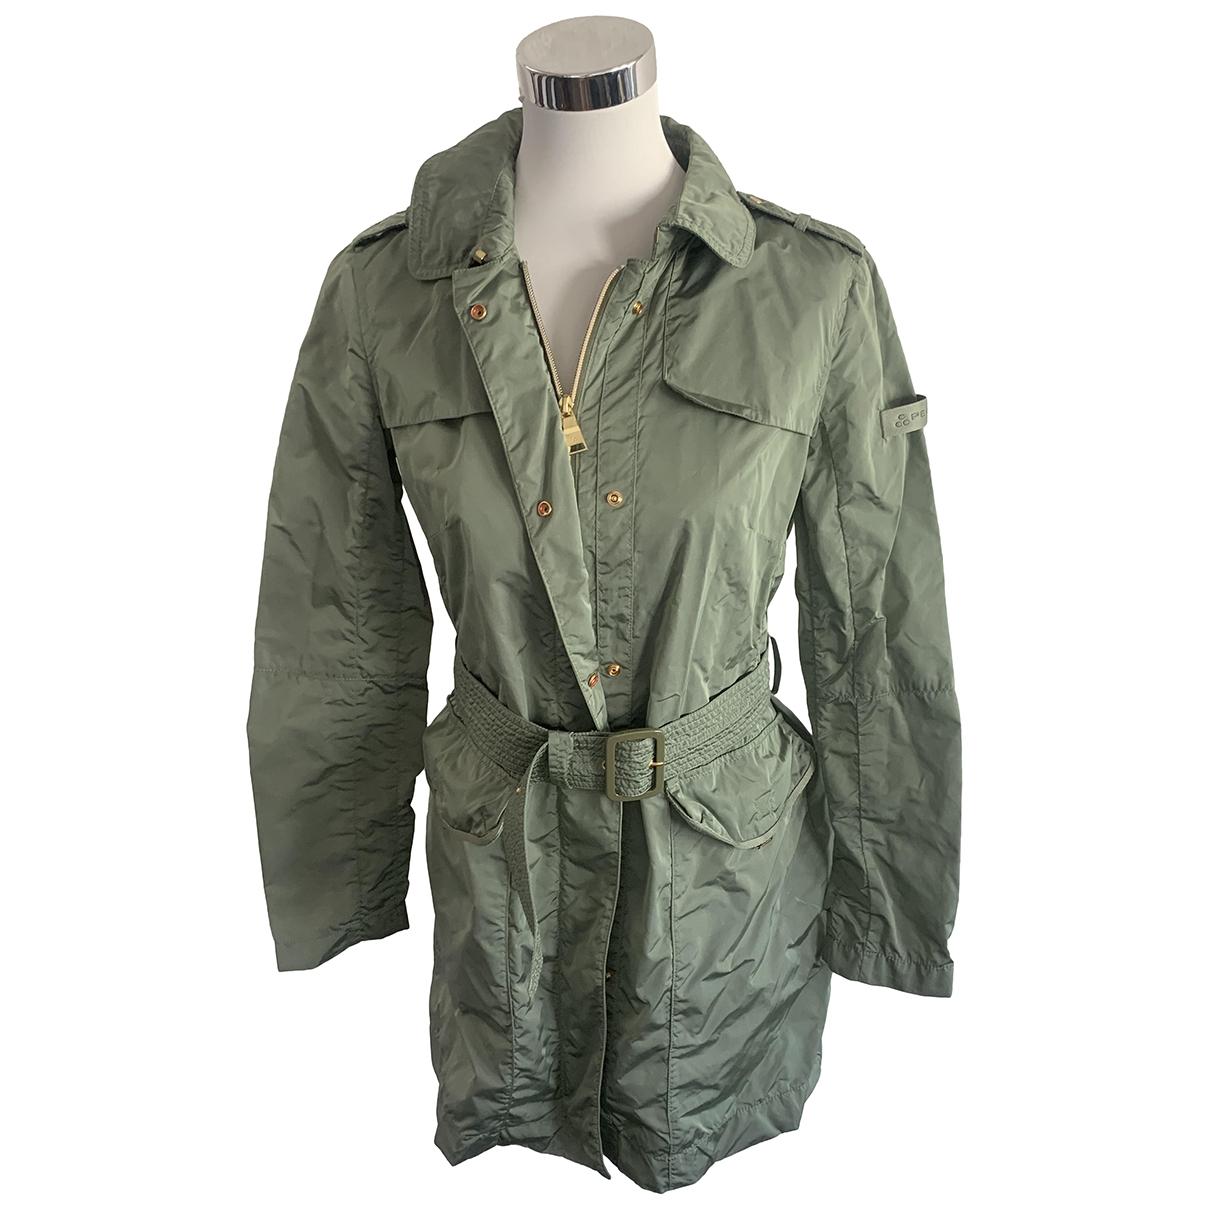 Peuterey \N Green jacket for Women 44 IT